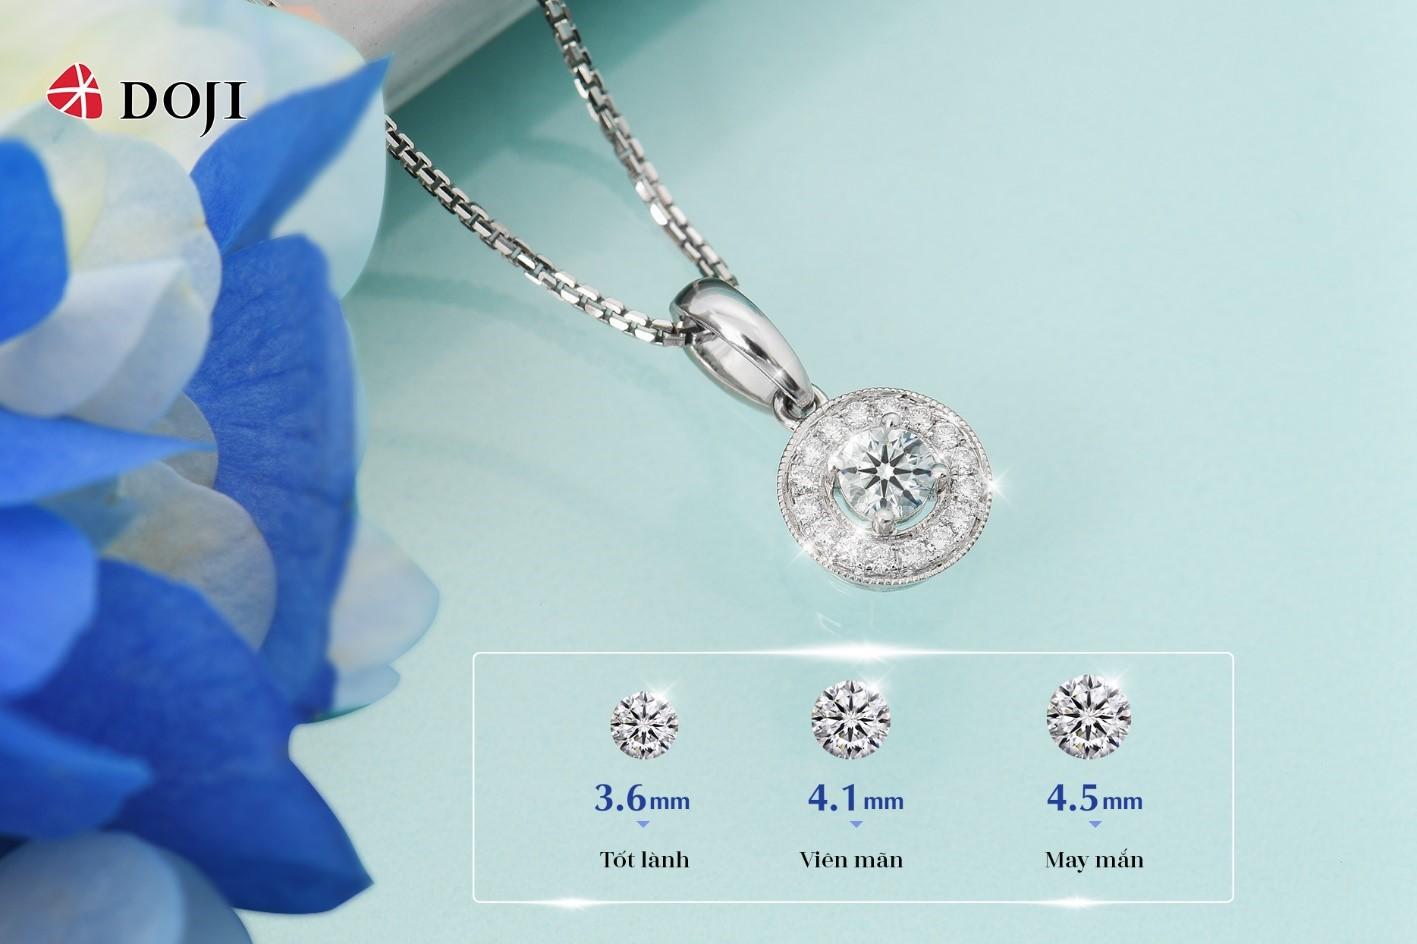 Biến 20/10 thành ngày đáng nhớ với Trang sức Kim cương DOJI - Ảnh 3.